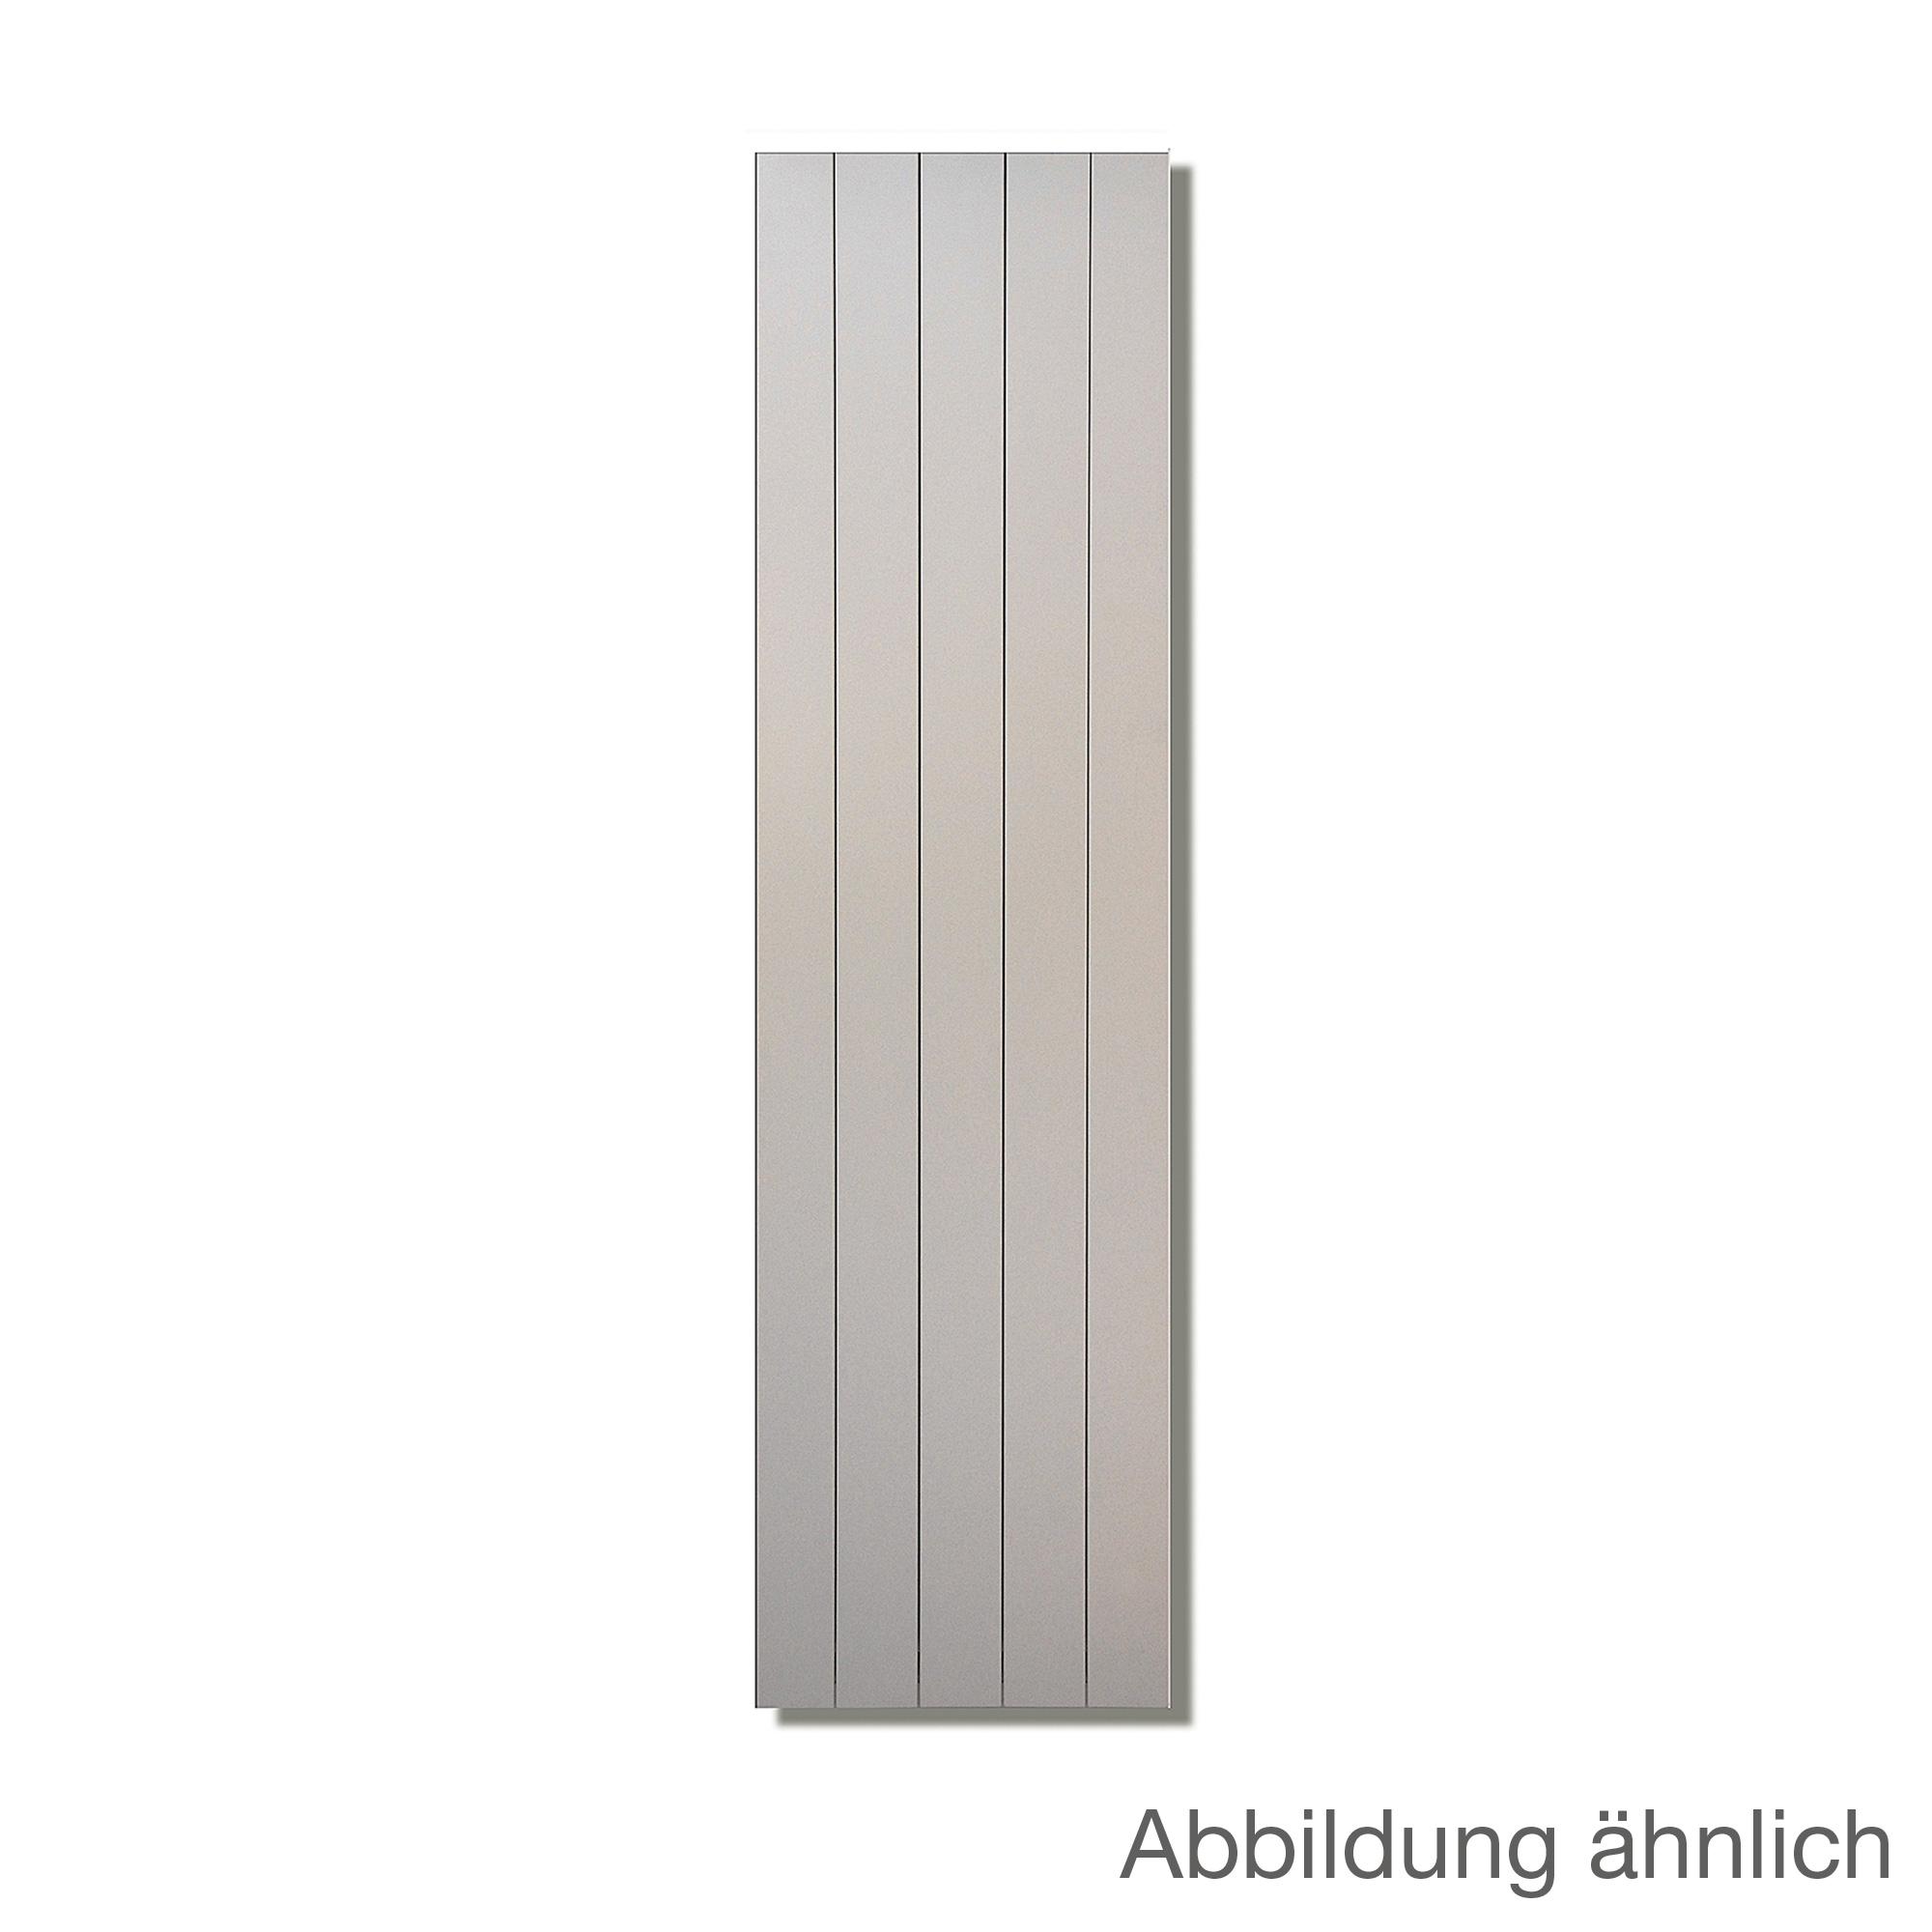 vasco zaros vertikal v100 heizk rper h he 1600 mm wei breite 600 mm 8 rohre 2110 watt. Black Bedroom Furniture Sets. Home Design Ideas